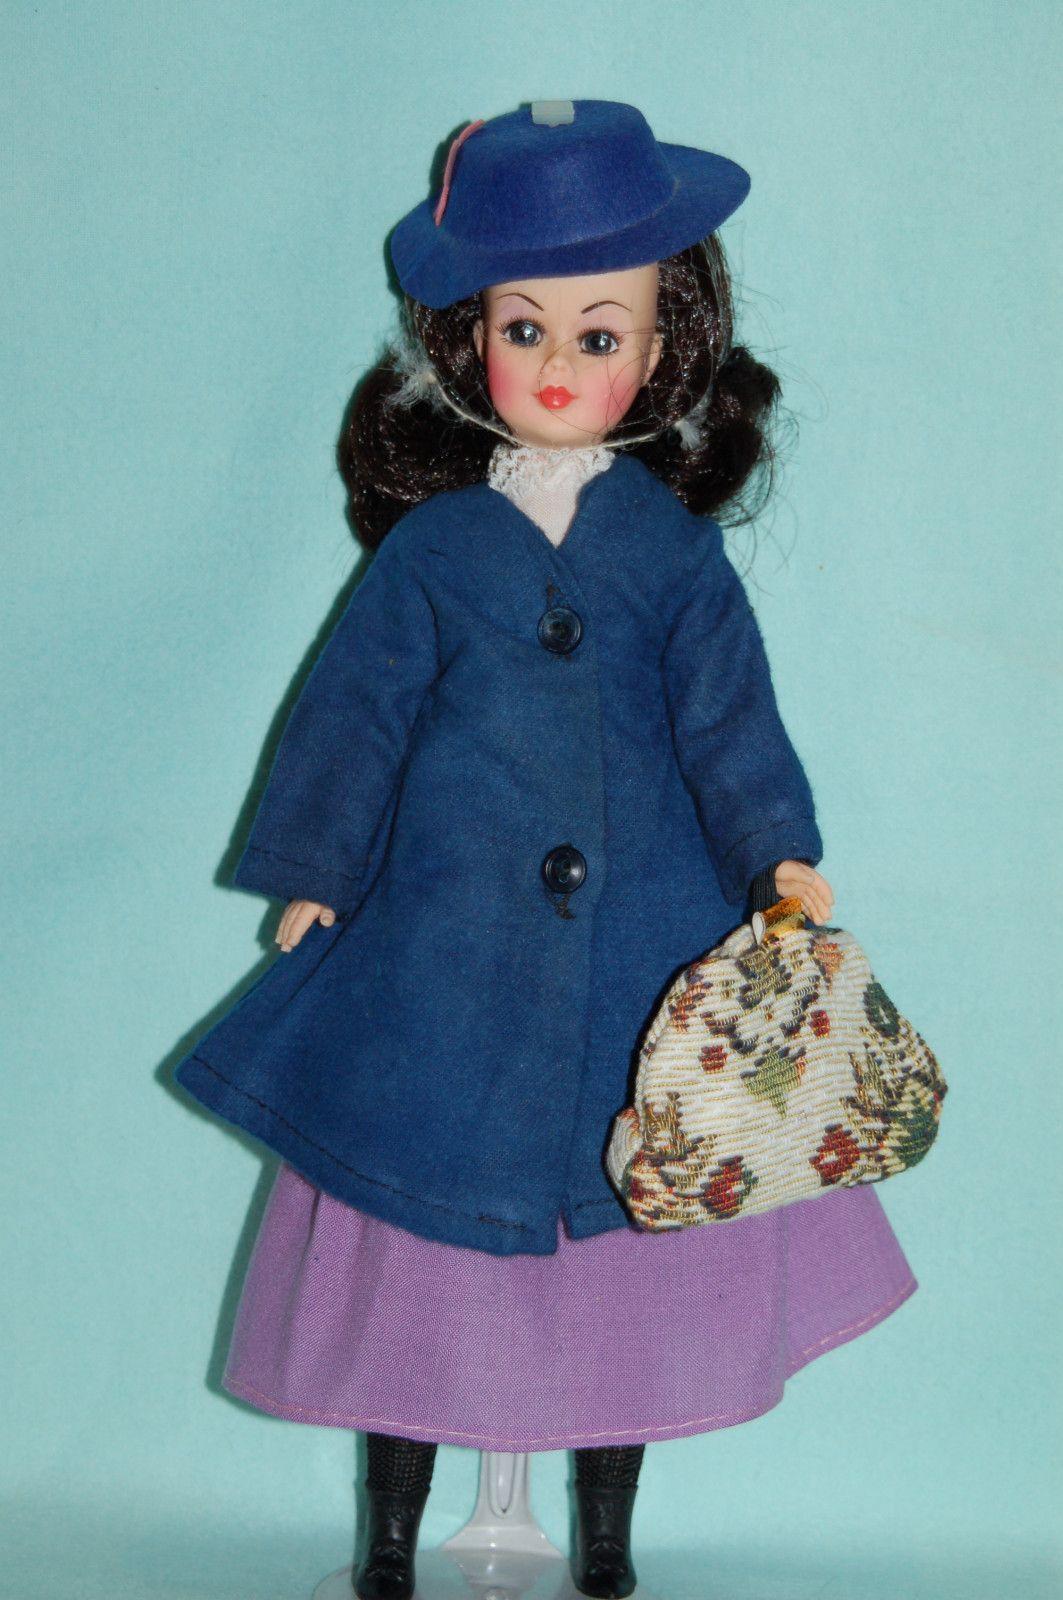 Bambole Mary Poppins Bambola Horseman Vintage Doll Bambole Fashion